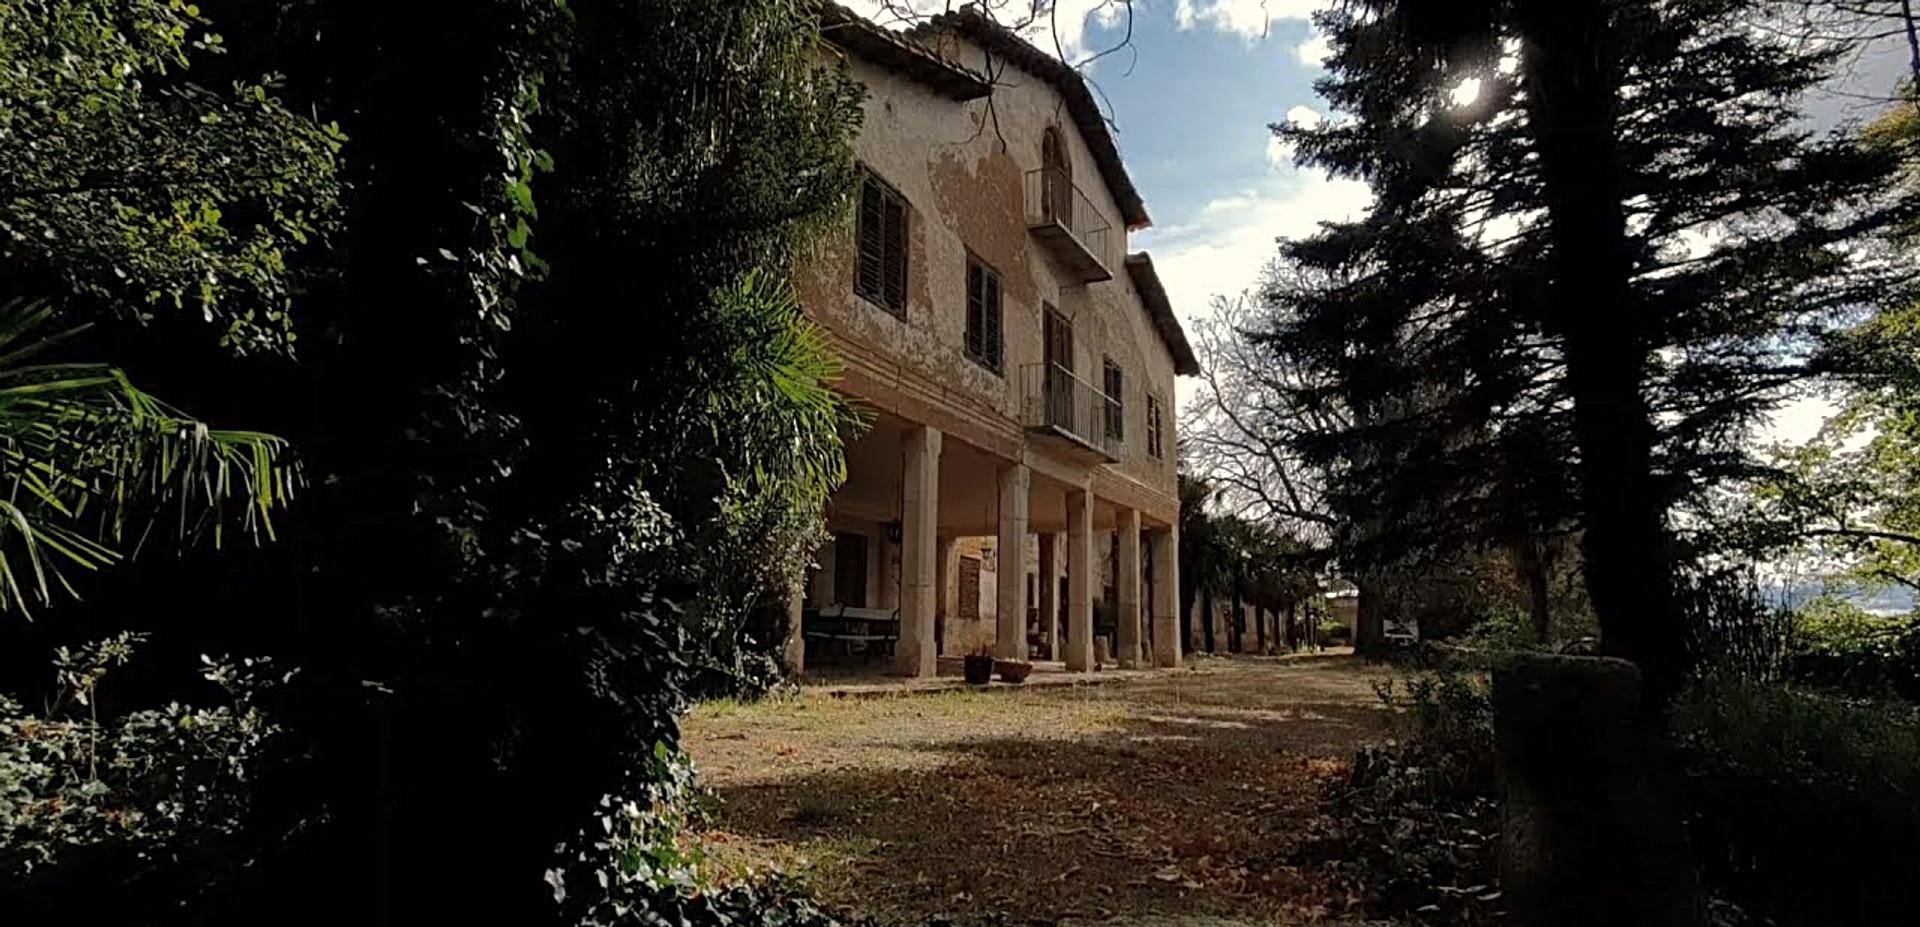 Antigua Villa con jardín centenario /Old Villa with Centennial Garden